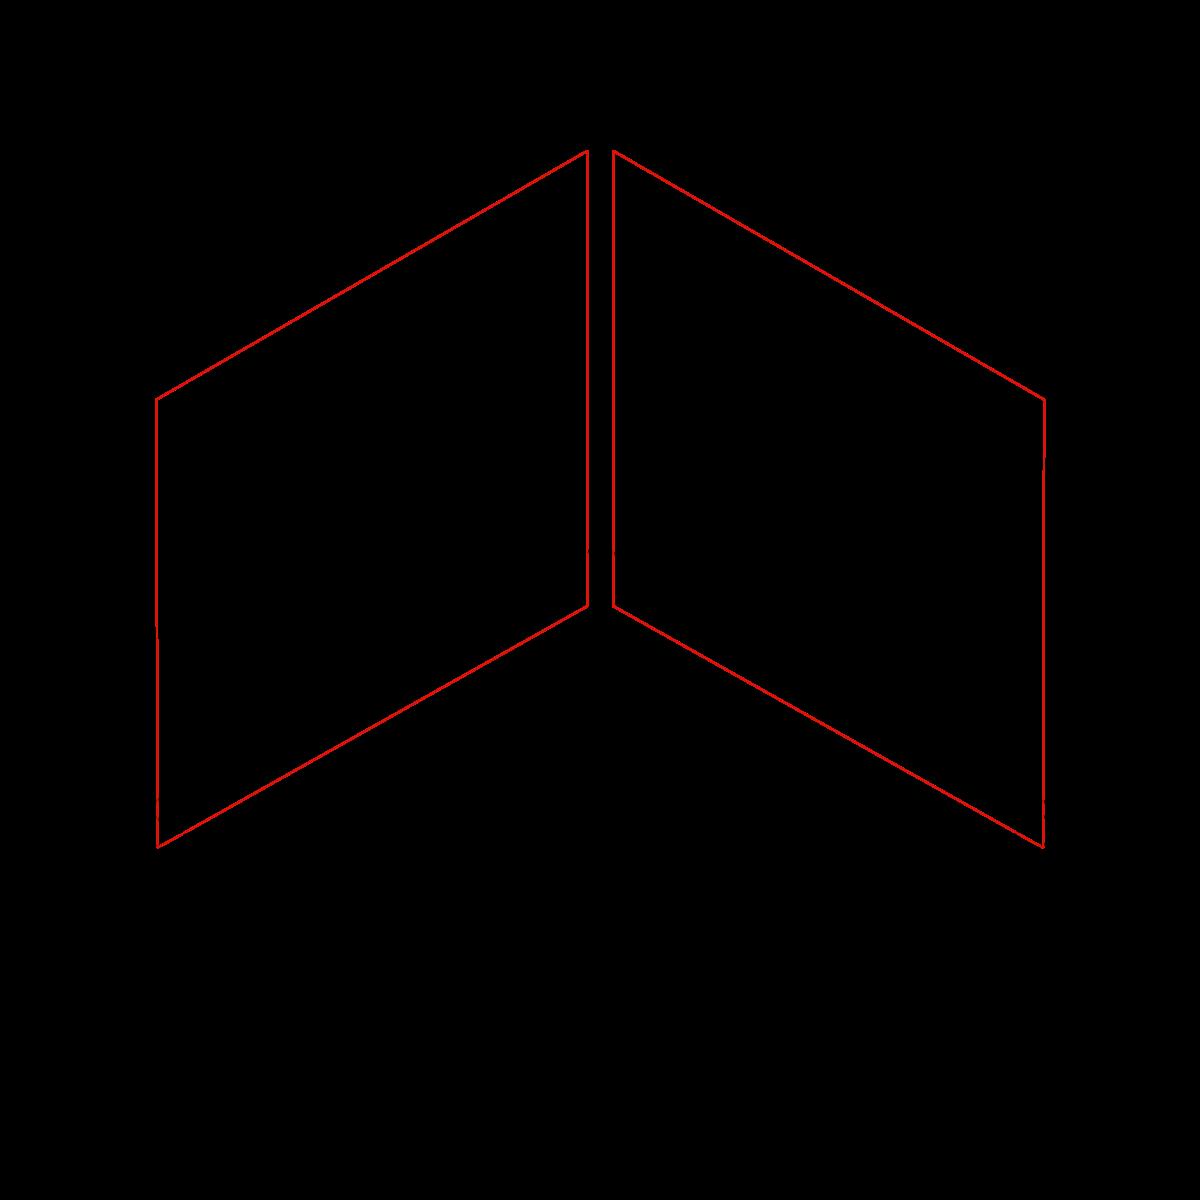 Revestimiento interior de poliuretano d3b4faeb 5359 40cb aef3 16ac79a07a0c